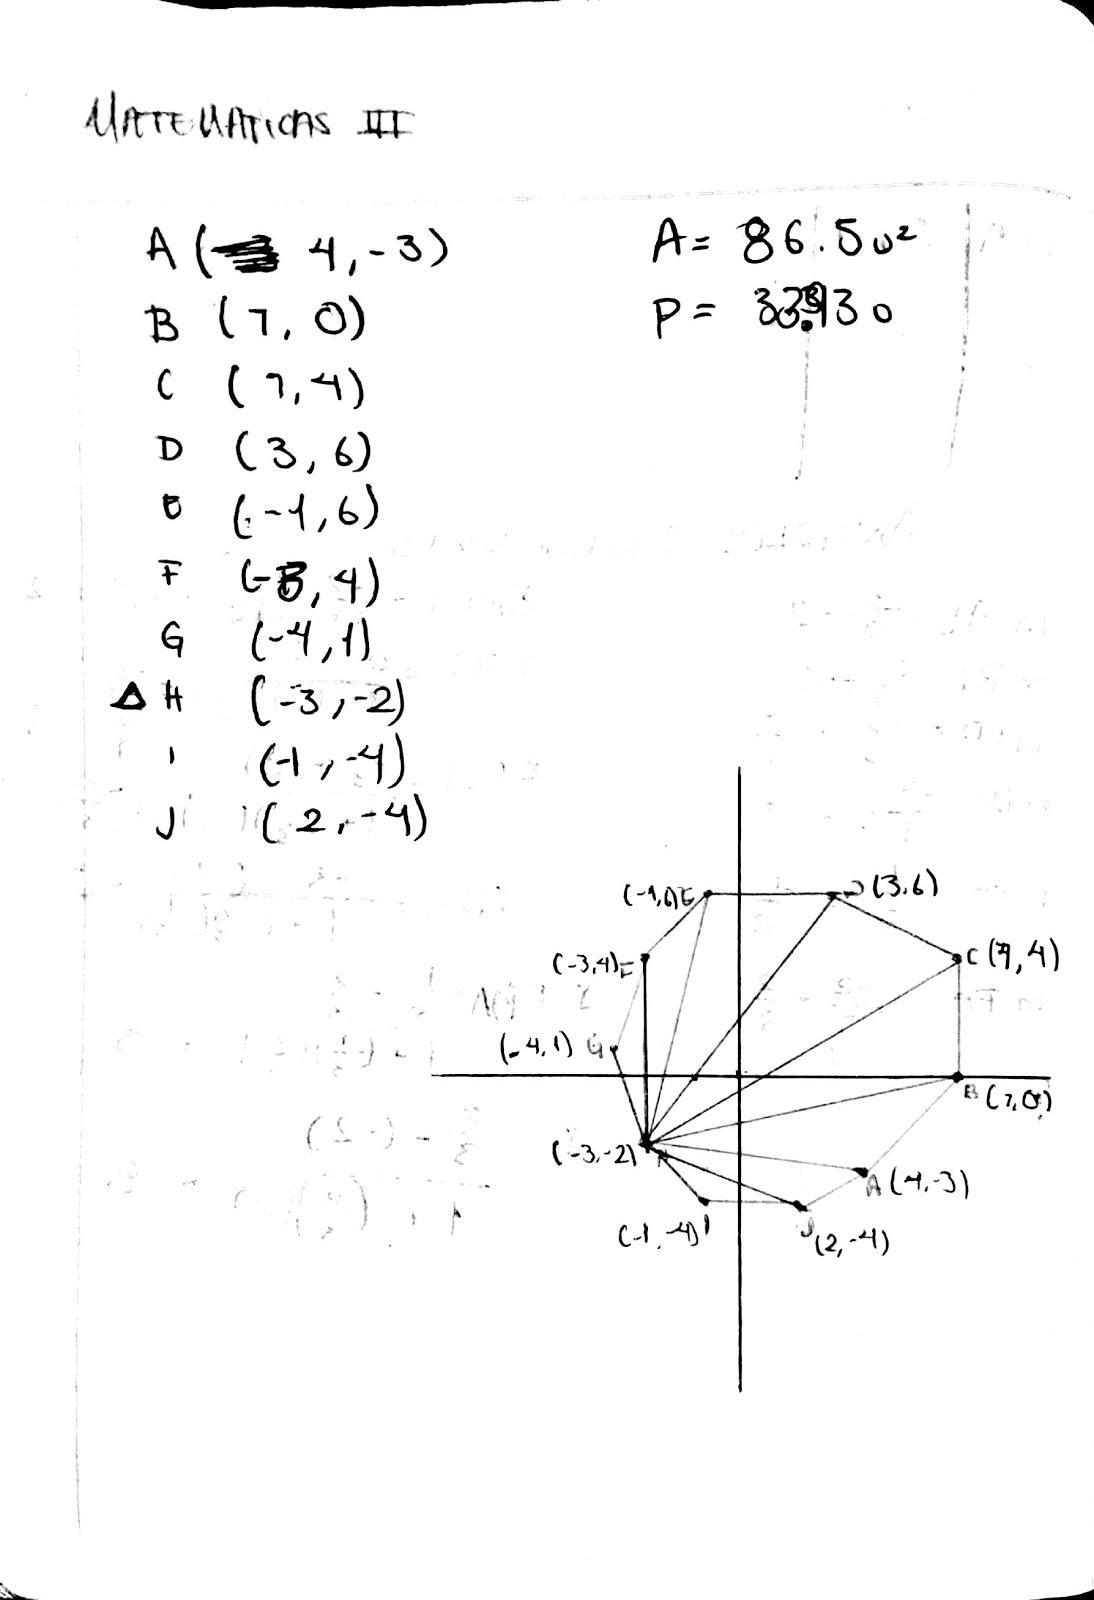 perimetro y area de poligonos en plano cartesiano